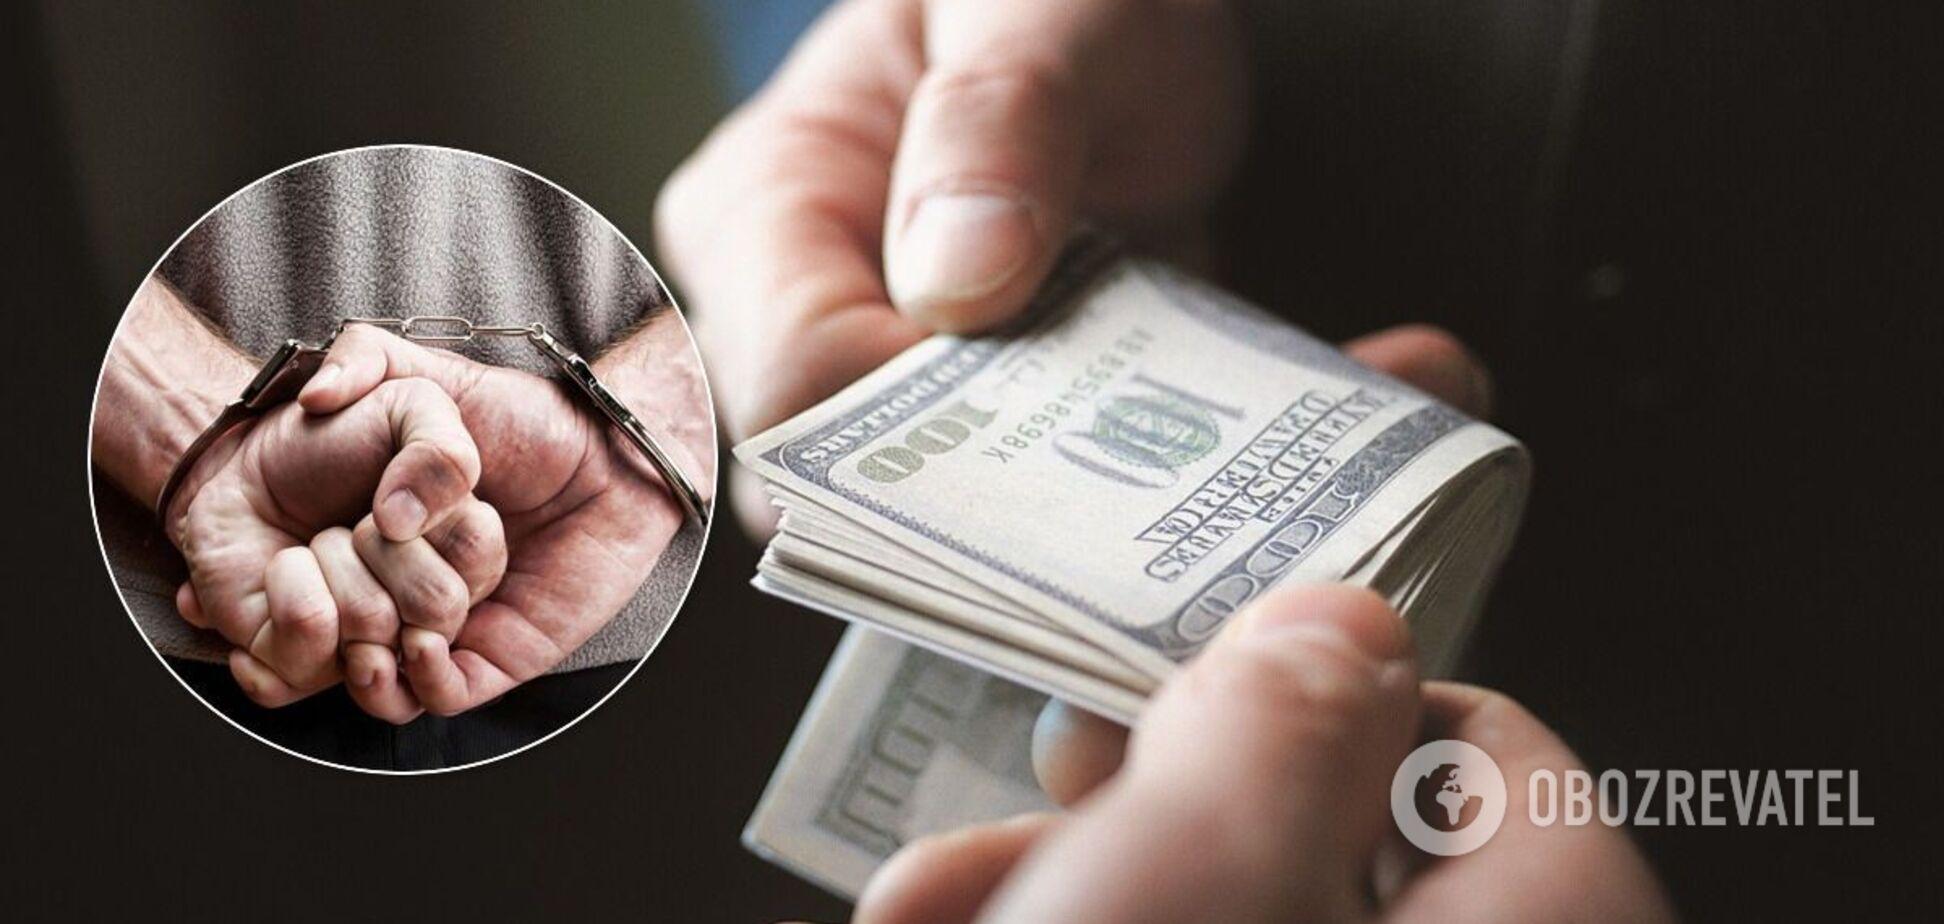 Нацполіція за рік викрила понад 14 тис. корупційних злочинів